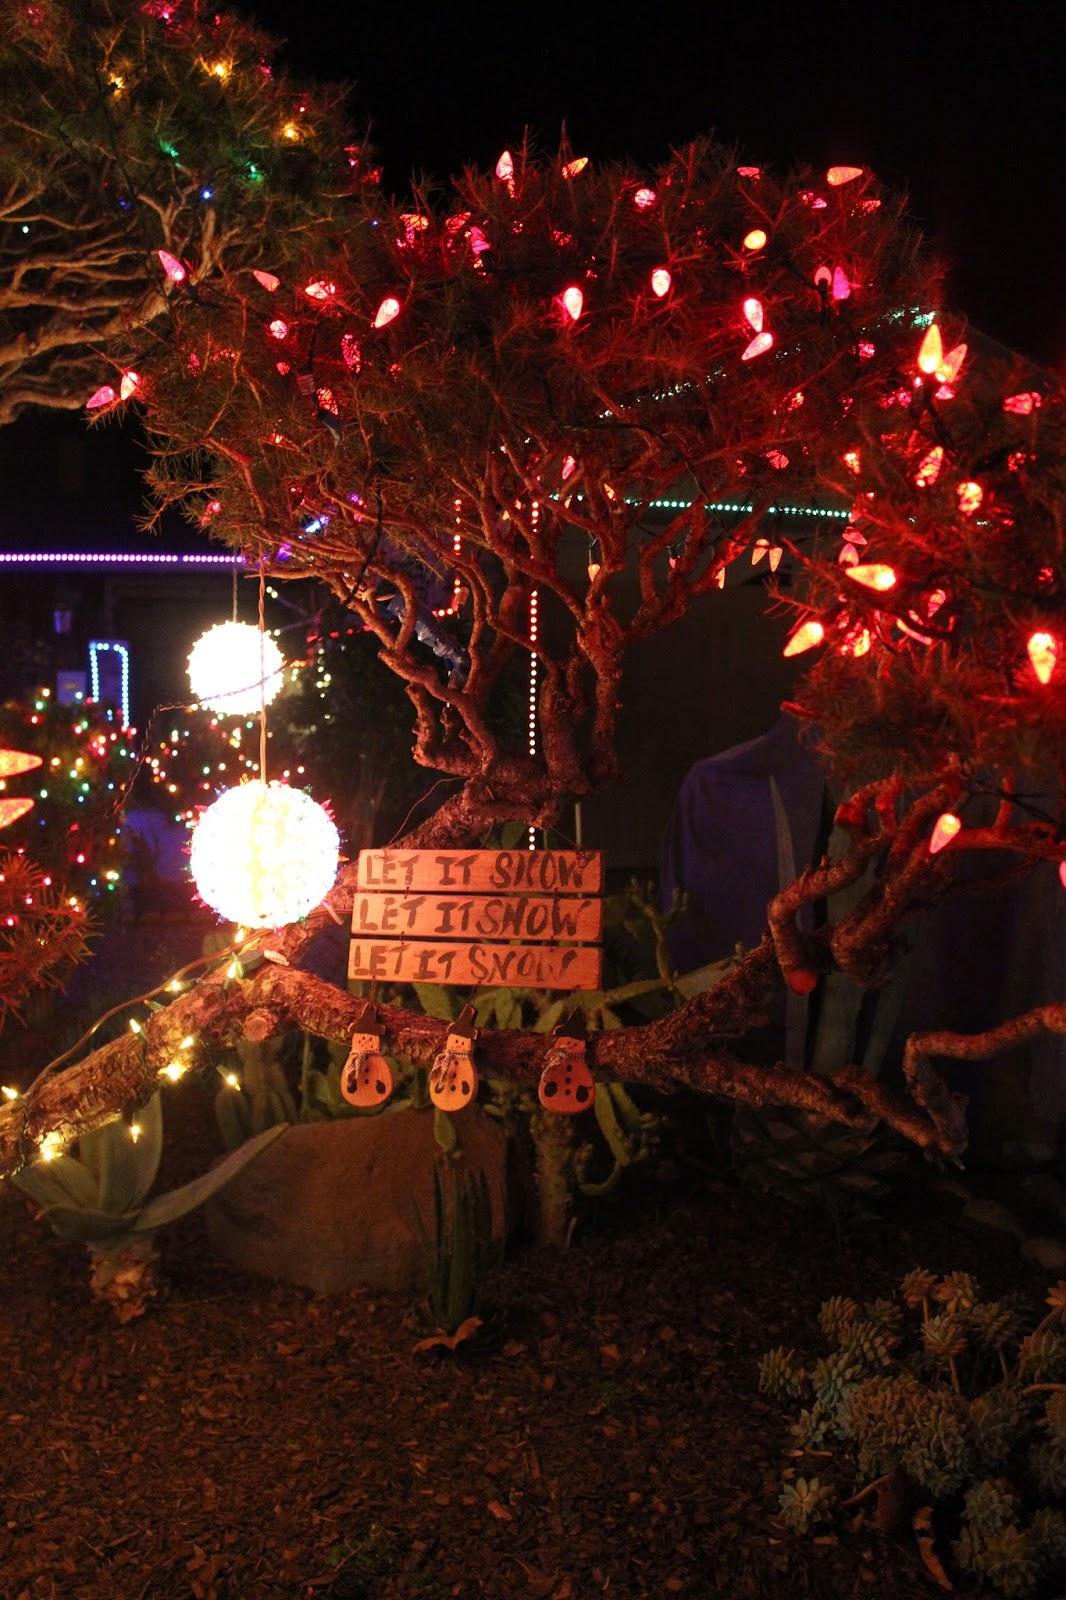 #B88013 Les Tribulations D'une Famille Française En Californie  5329 décorations de noel aux etats unis 1066x1600 px @ aertt.com